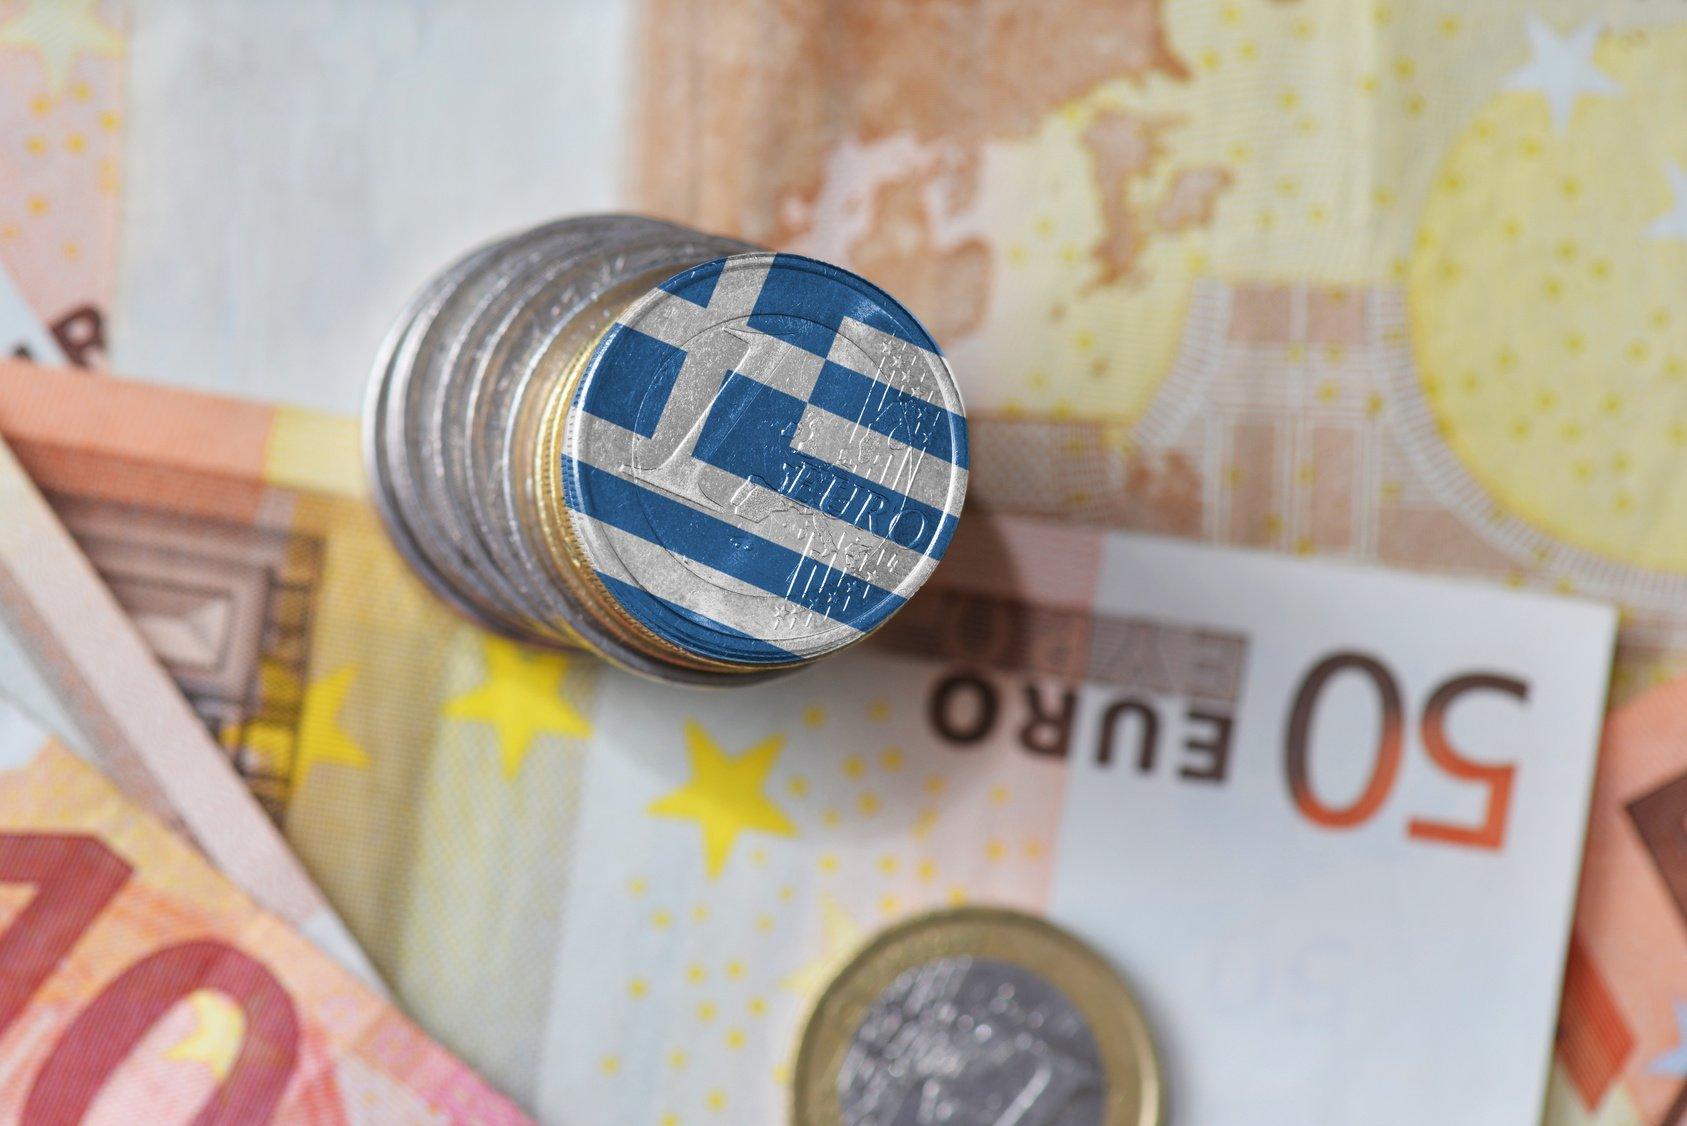 """Με αναπτυξιακό και κοινωνικό """"πρόσωπο"""" ο ελληνικός προϋπολογισμός"""